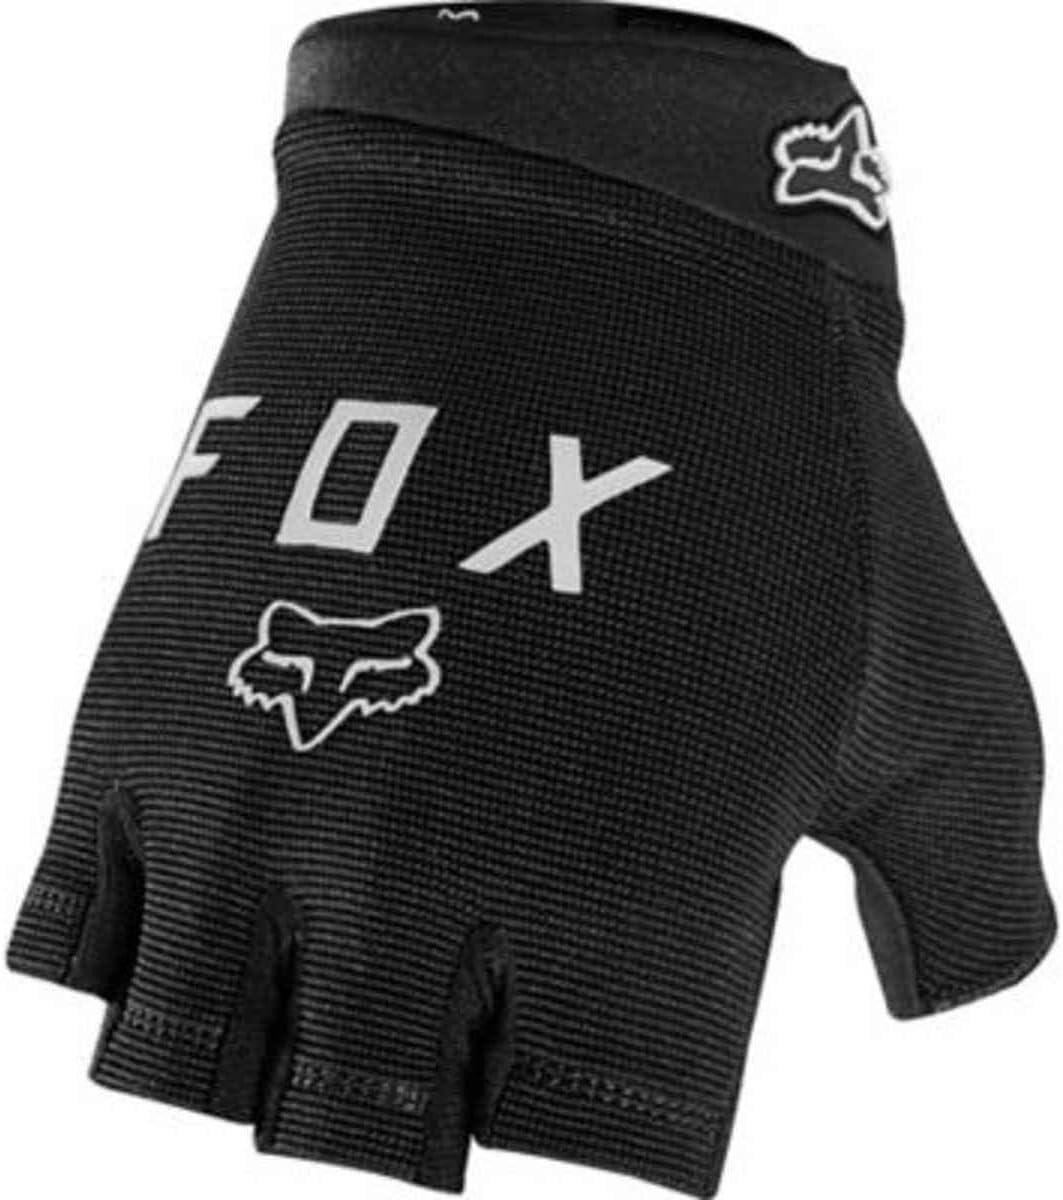 Fox Gloves Ranger Black Xxl